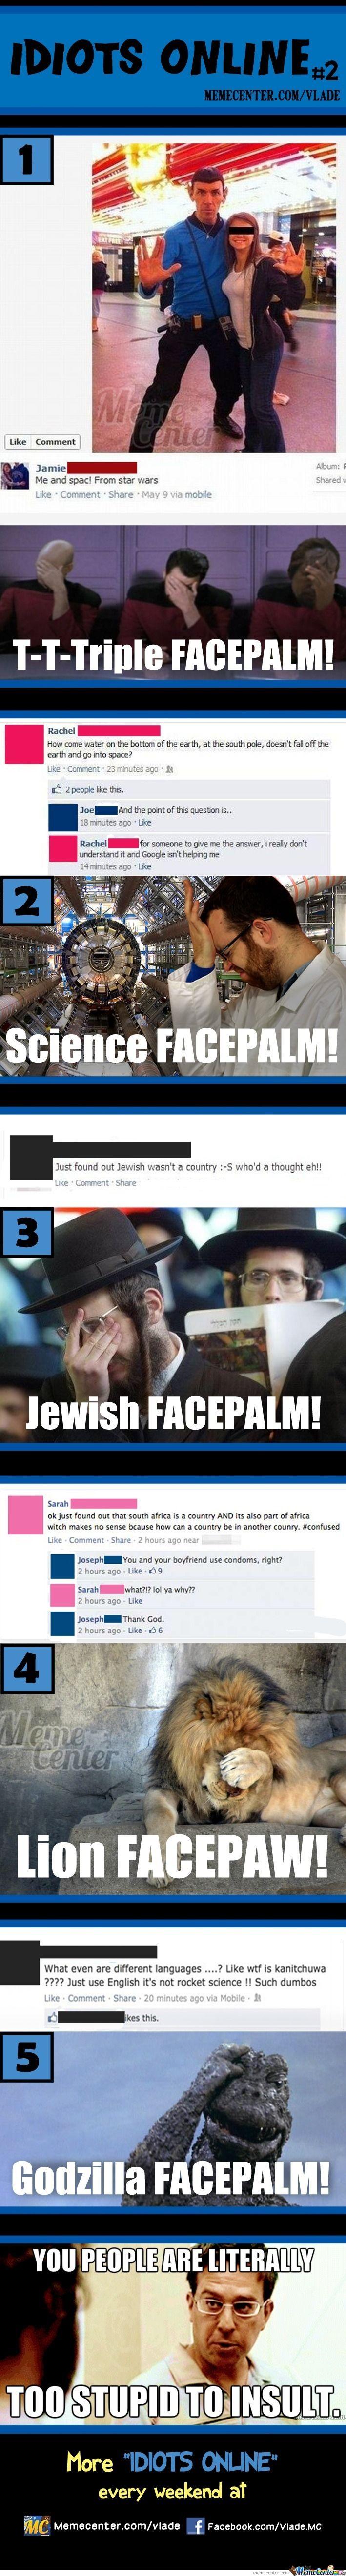 Idiots online 2